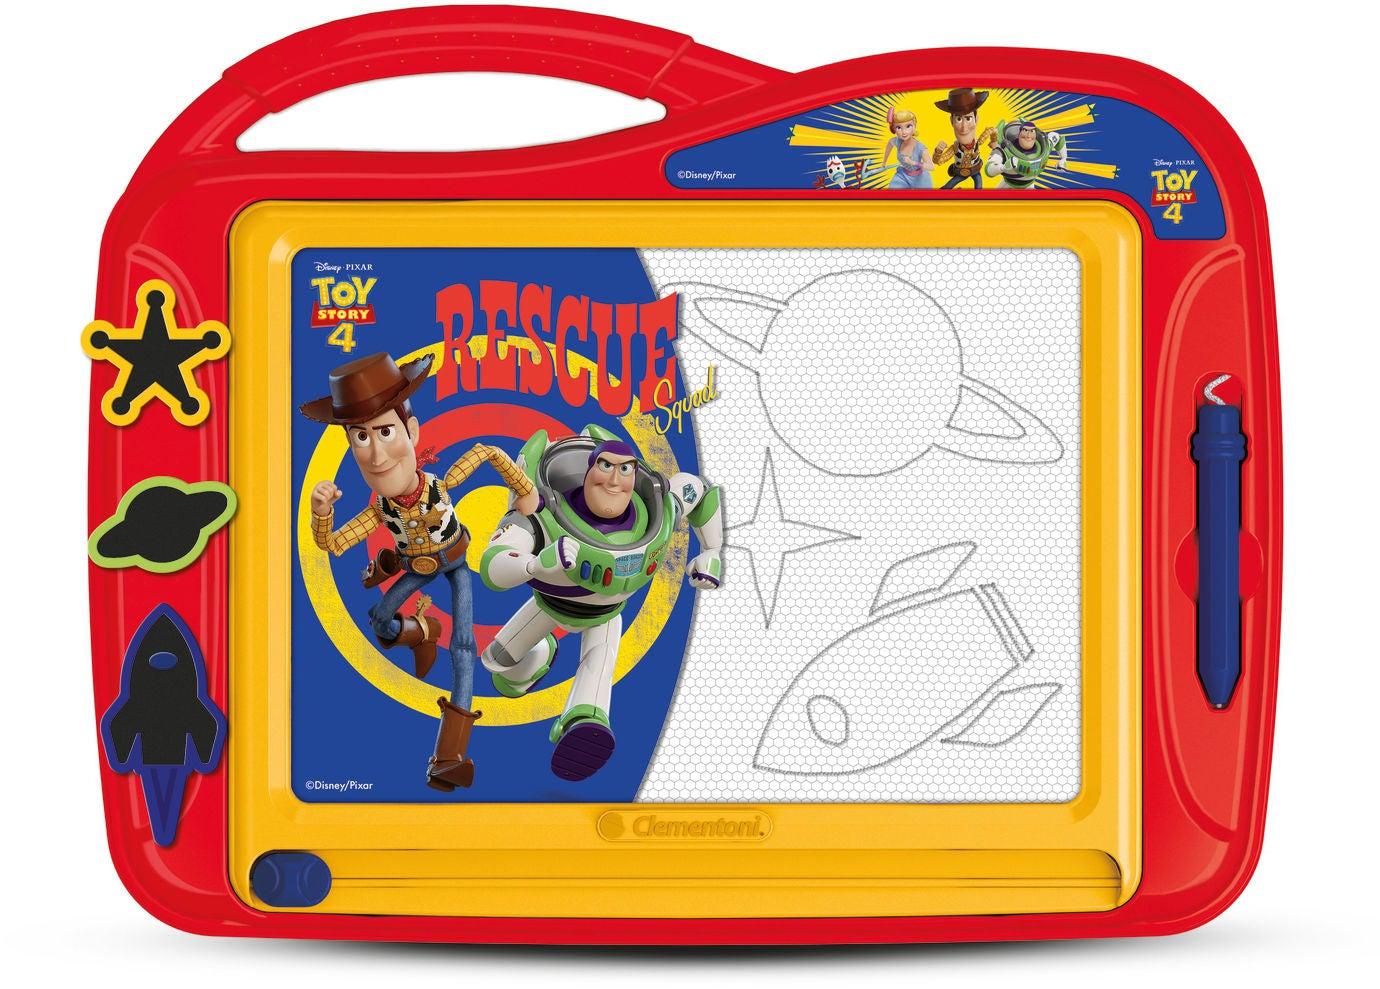 Toy Story 4 Rittavla